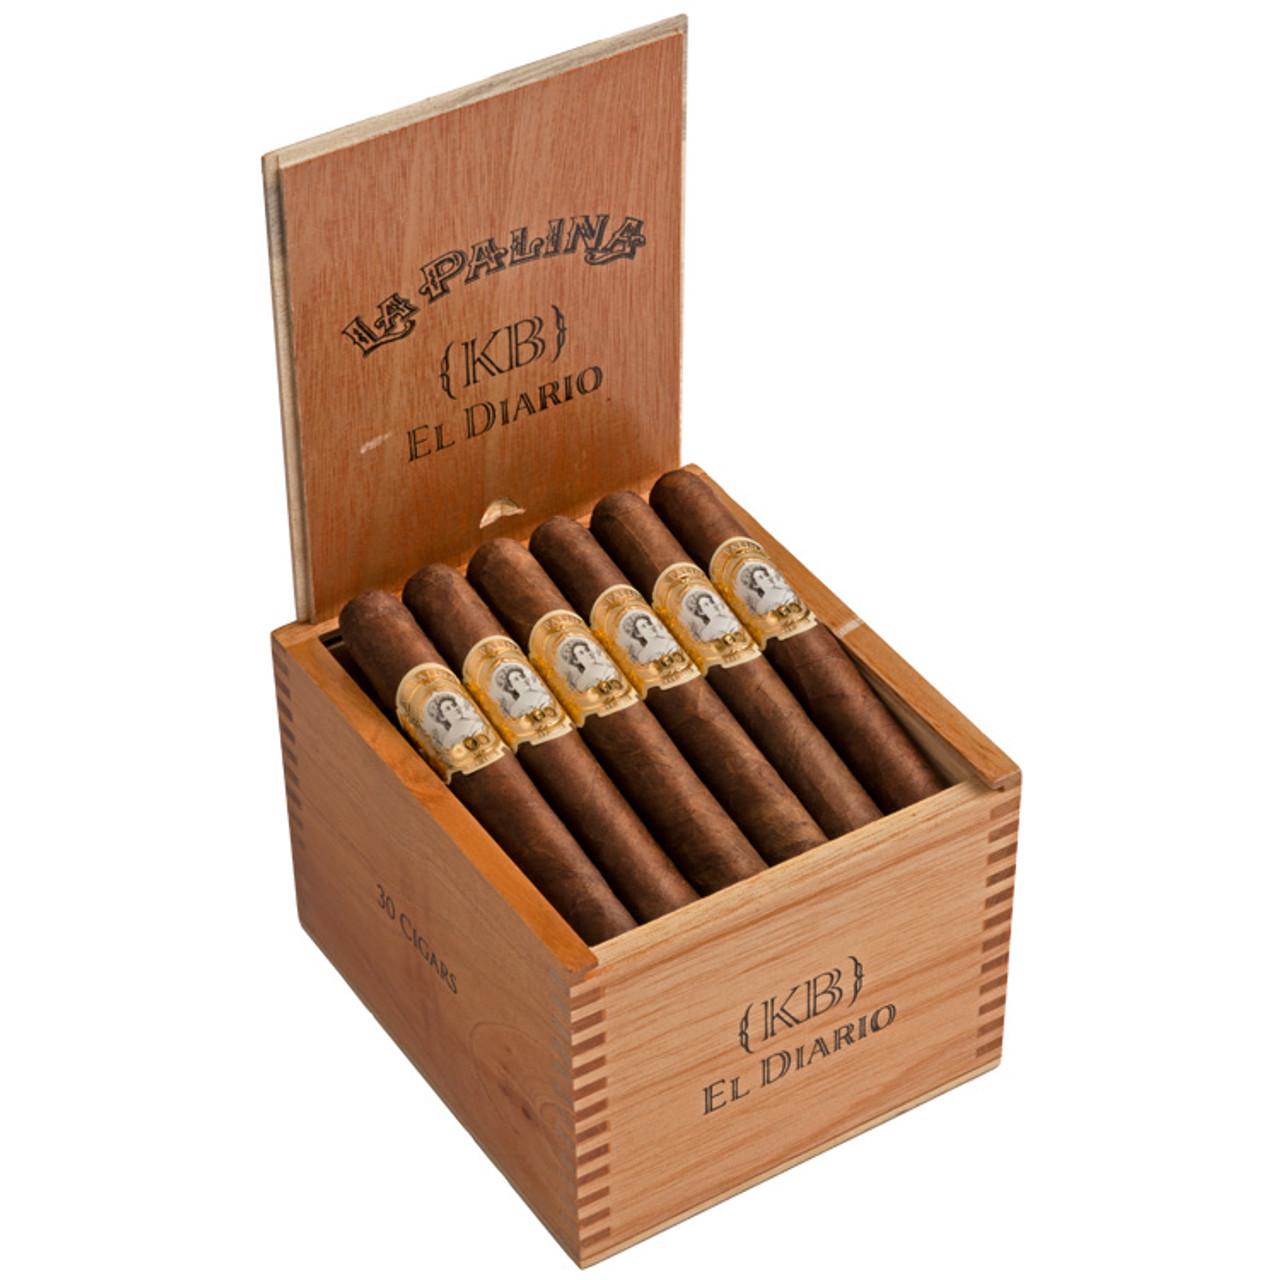 La Palina El Diario KB Cigars - 4.25 x 40 (Box of 30)